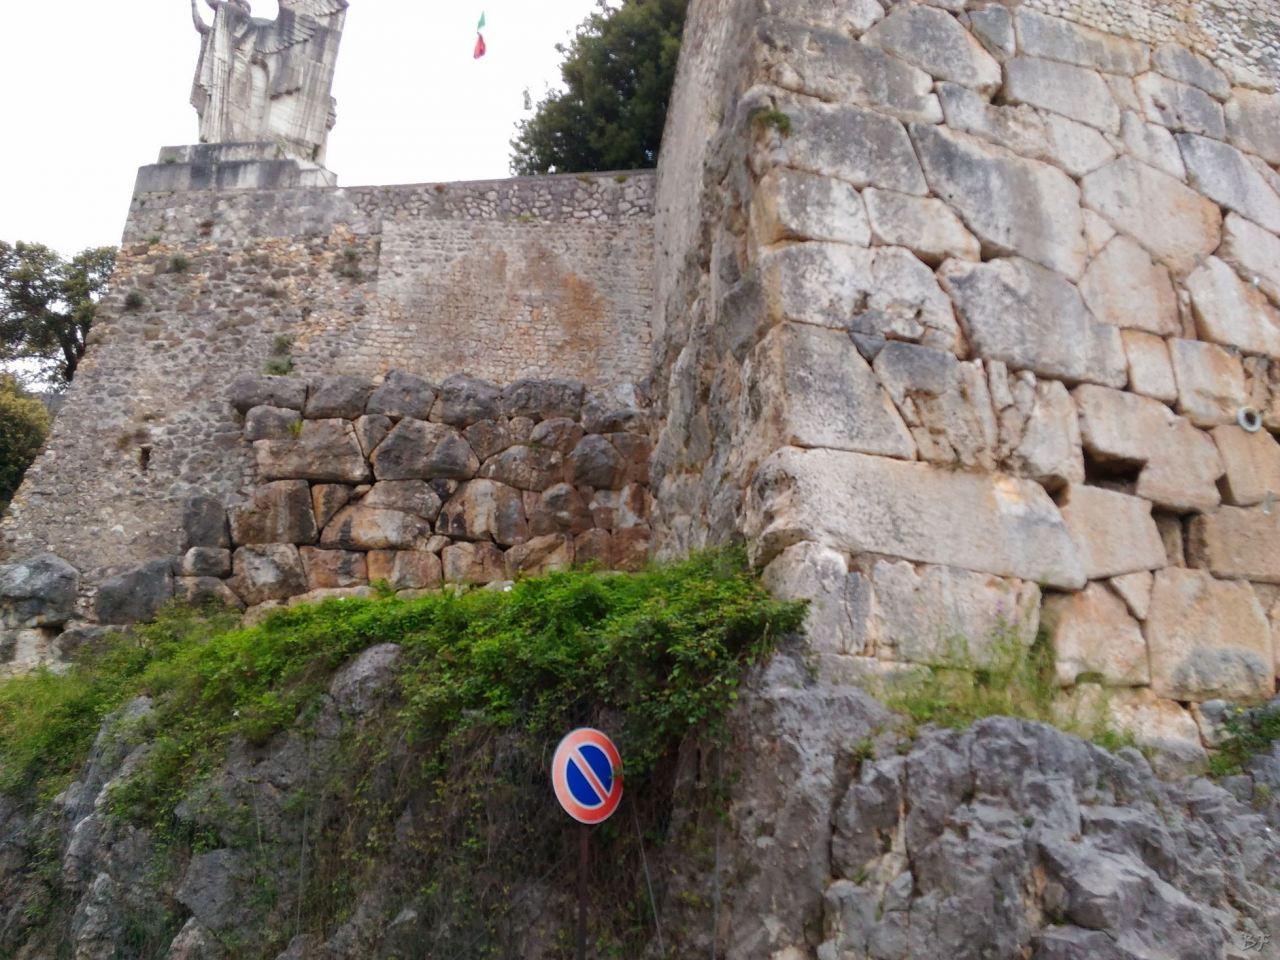 Cora-Mura-Poligonali-Megalitiche-Cori-Latina-Lazio-Italia-5